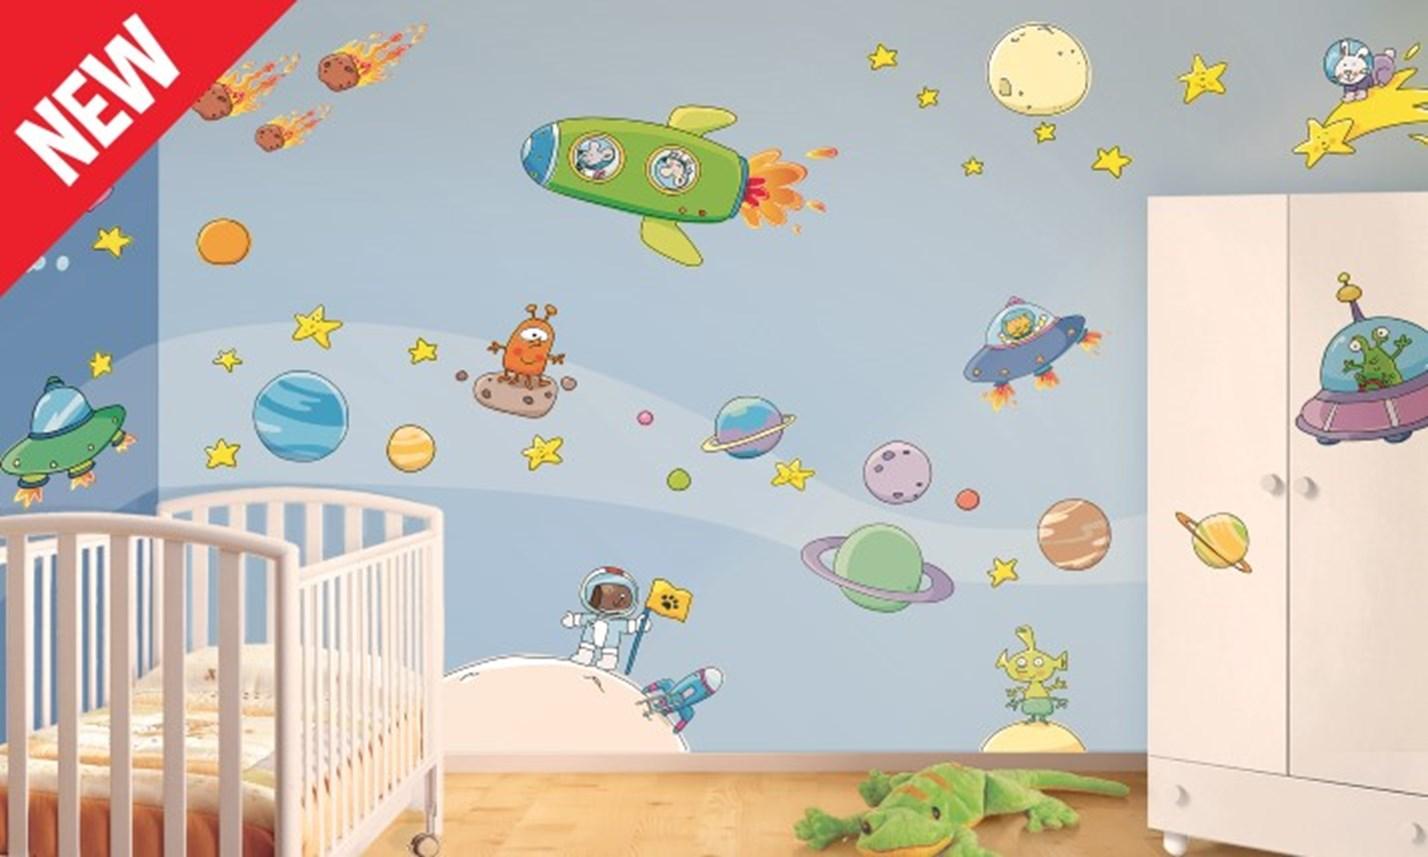 Moda decorazioni camerette bambini immagini ia79 pineglen for Decorazioni camerette bambini